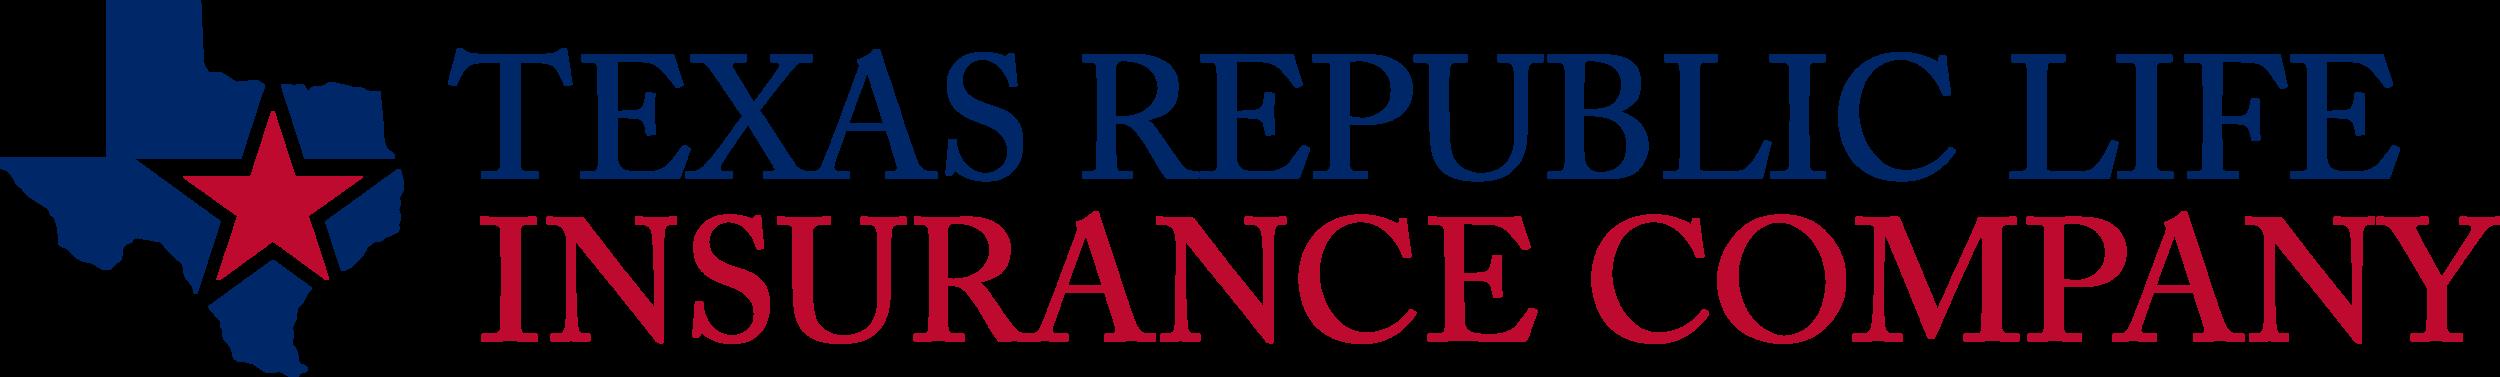 Texas Republic Life Insurance Company